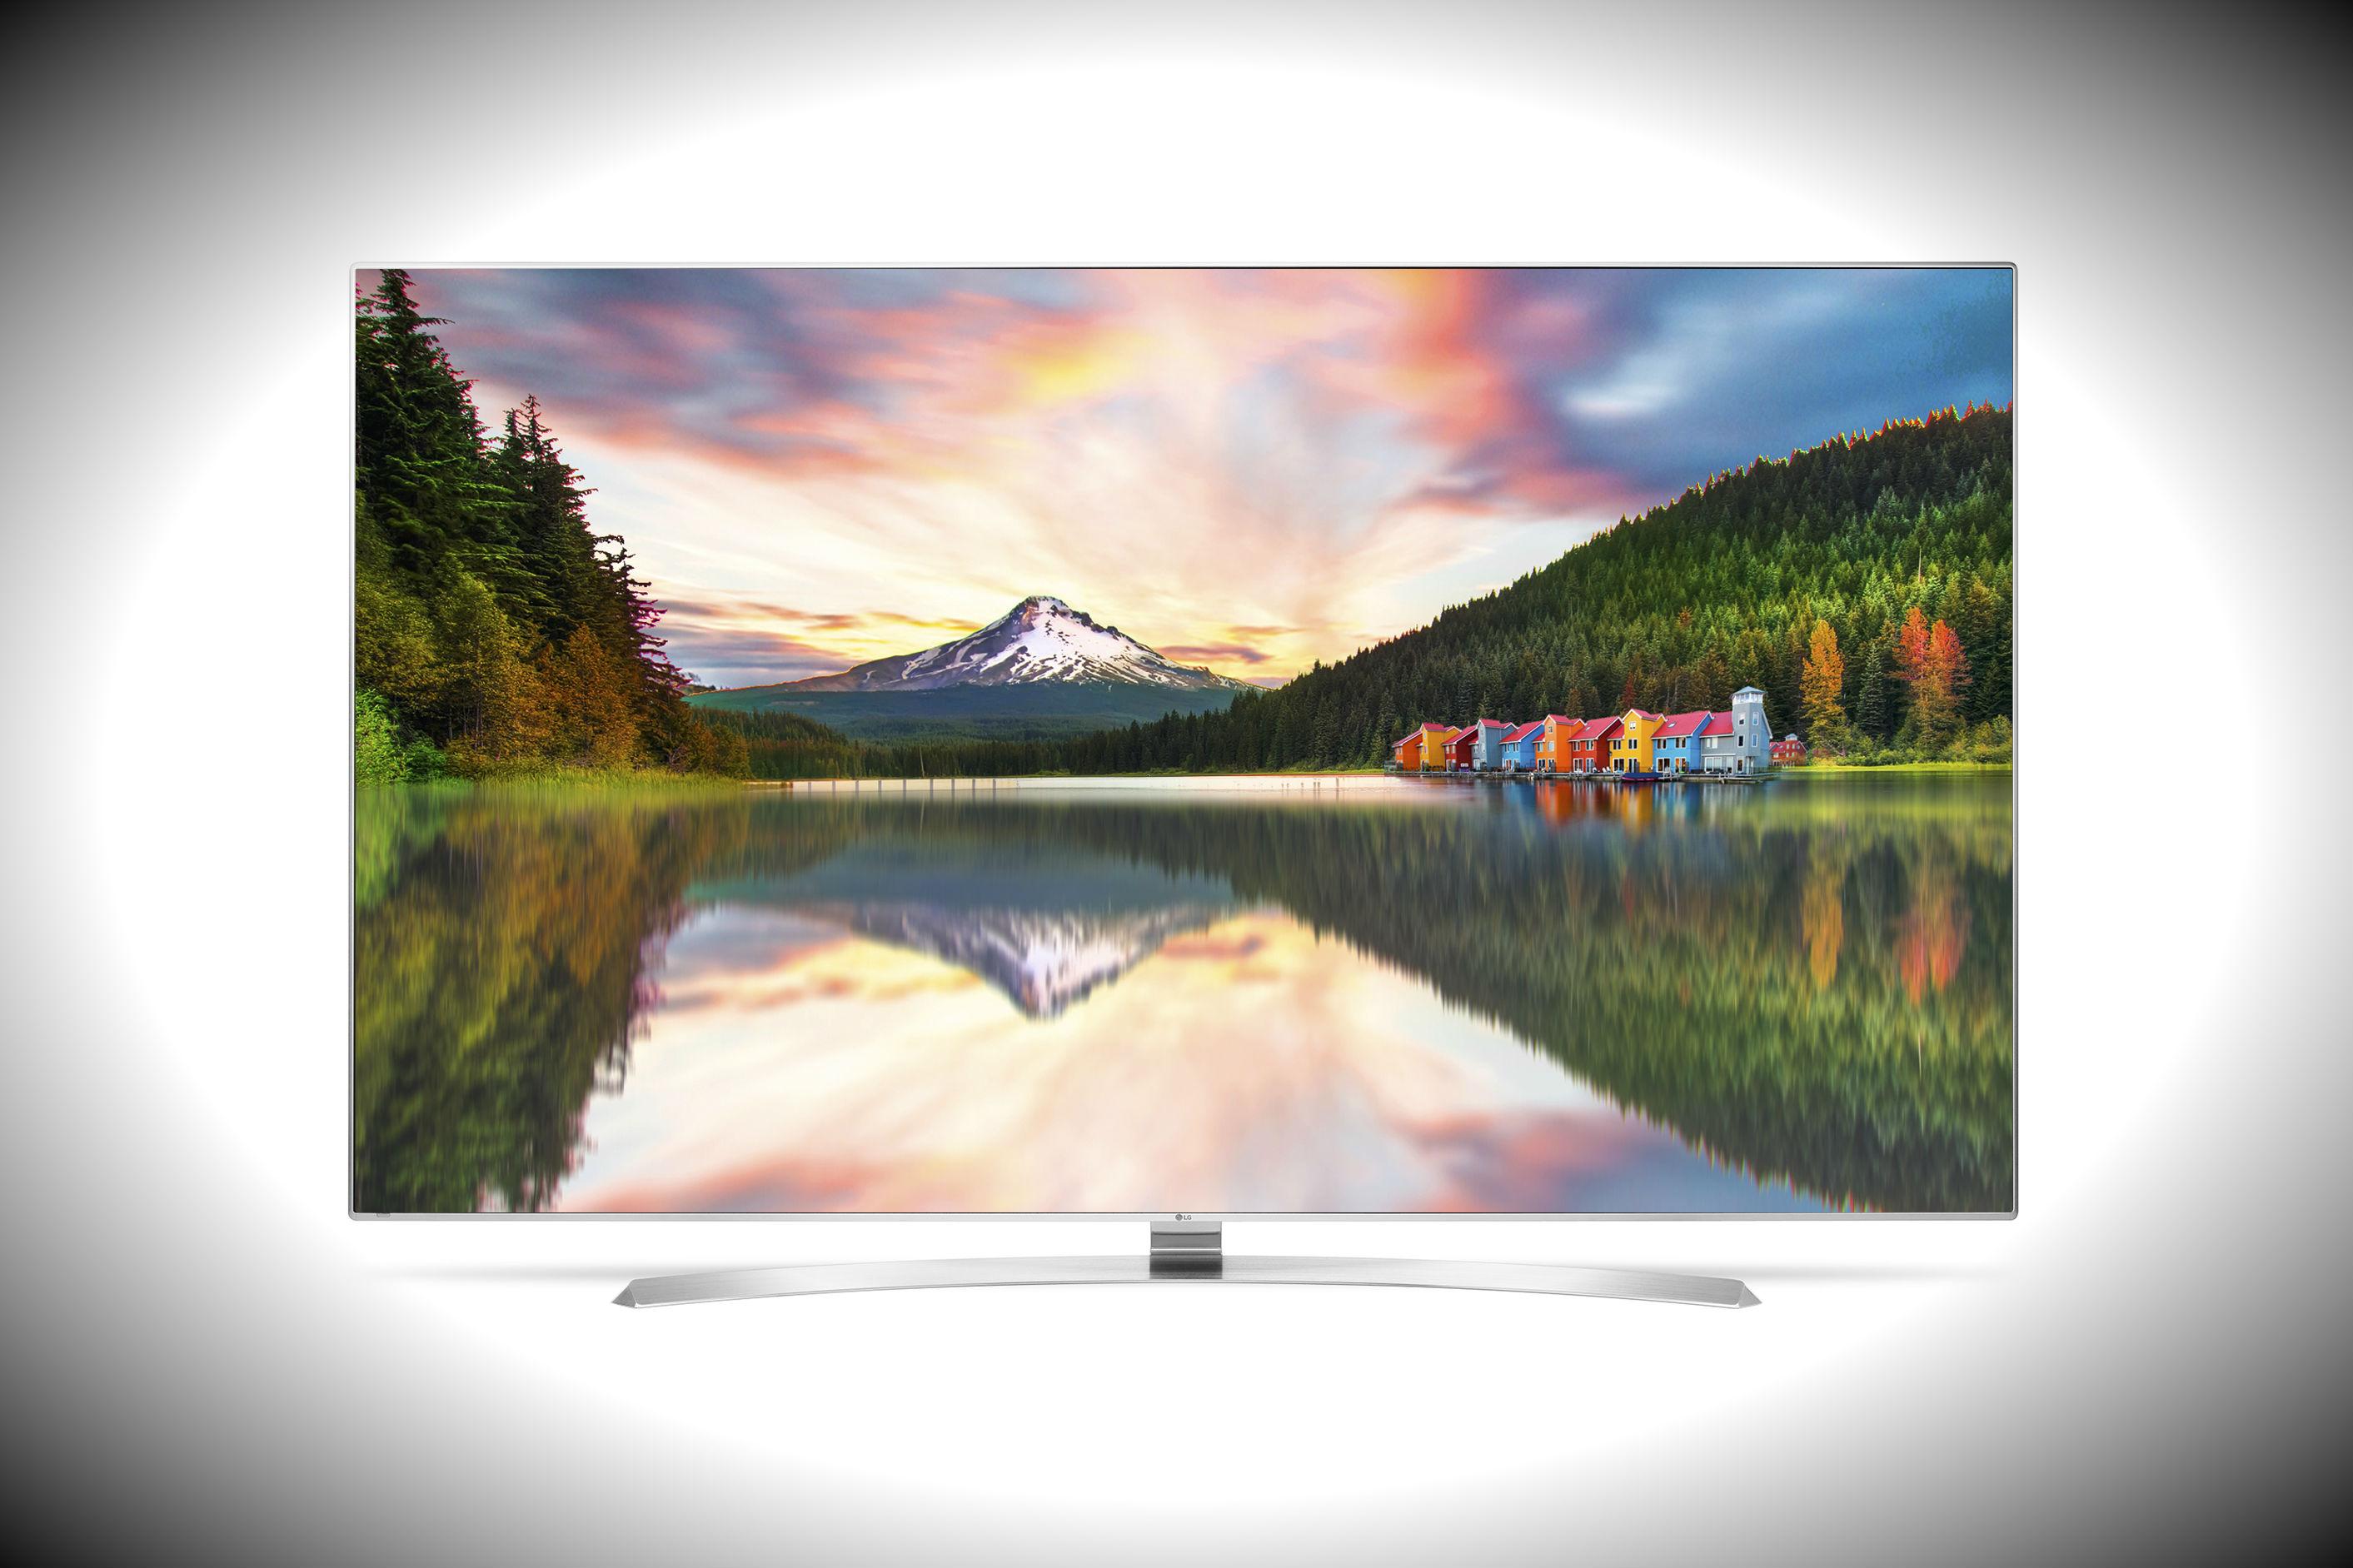 lg 39 new super uhd tv lineup includes 98 inch 8k monster. Black Bedroom Furniture Sets. Home Design Ideas